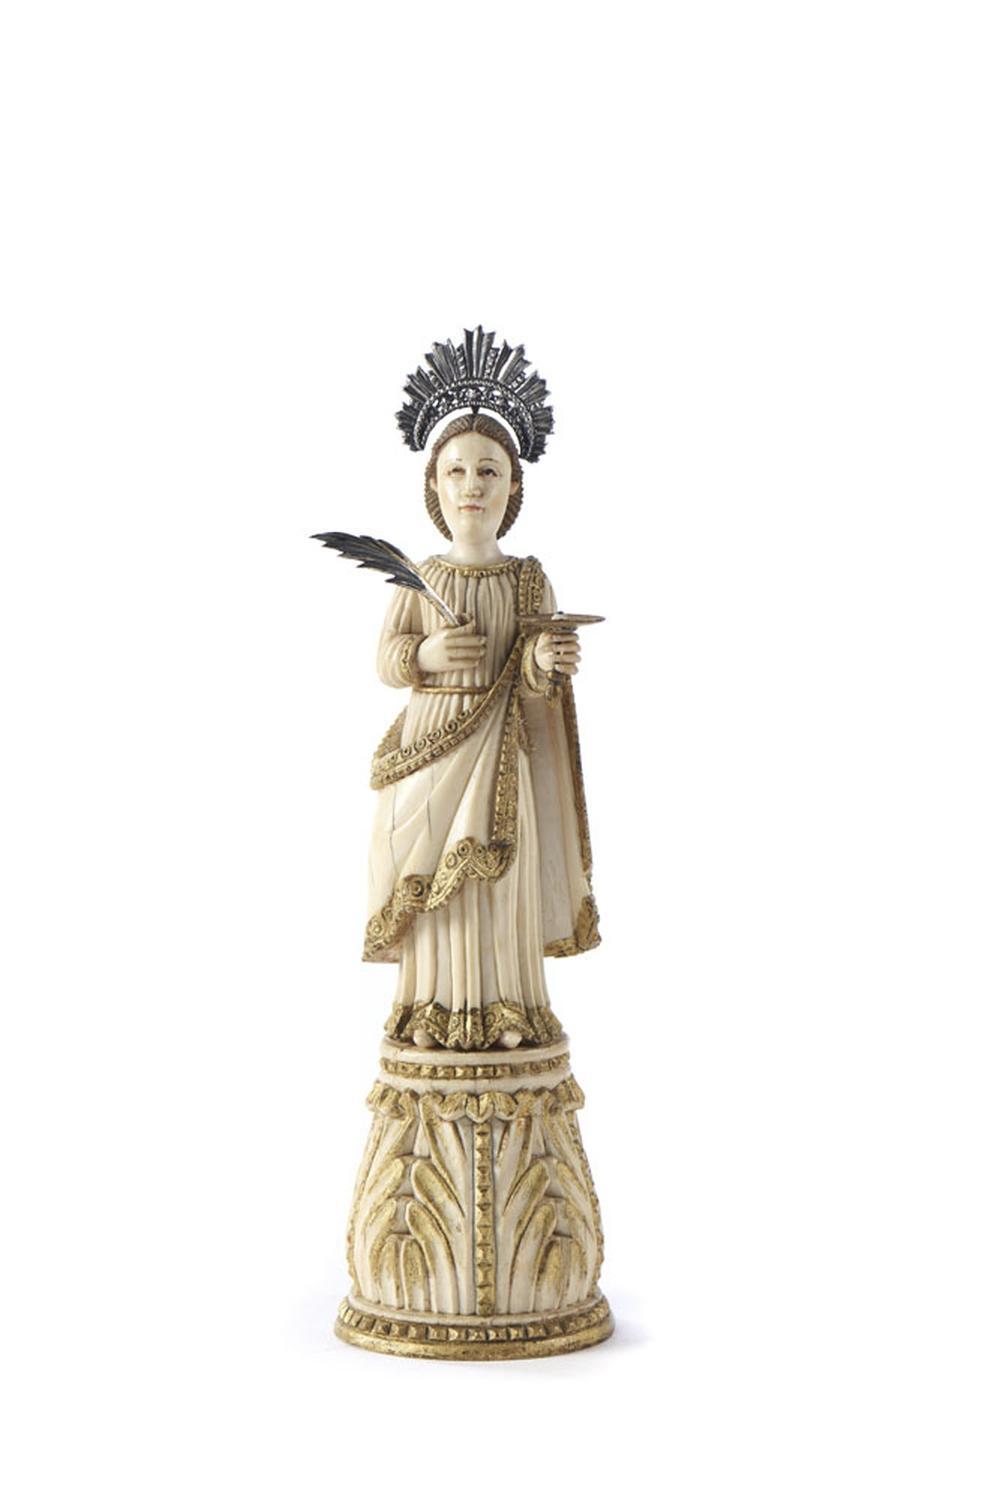 Sta. Luzia, Esc. marfim e prata, XVII/XVIII,P. 4g.